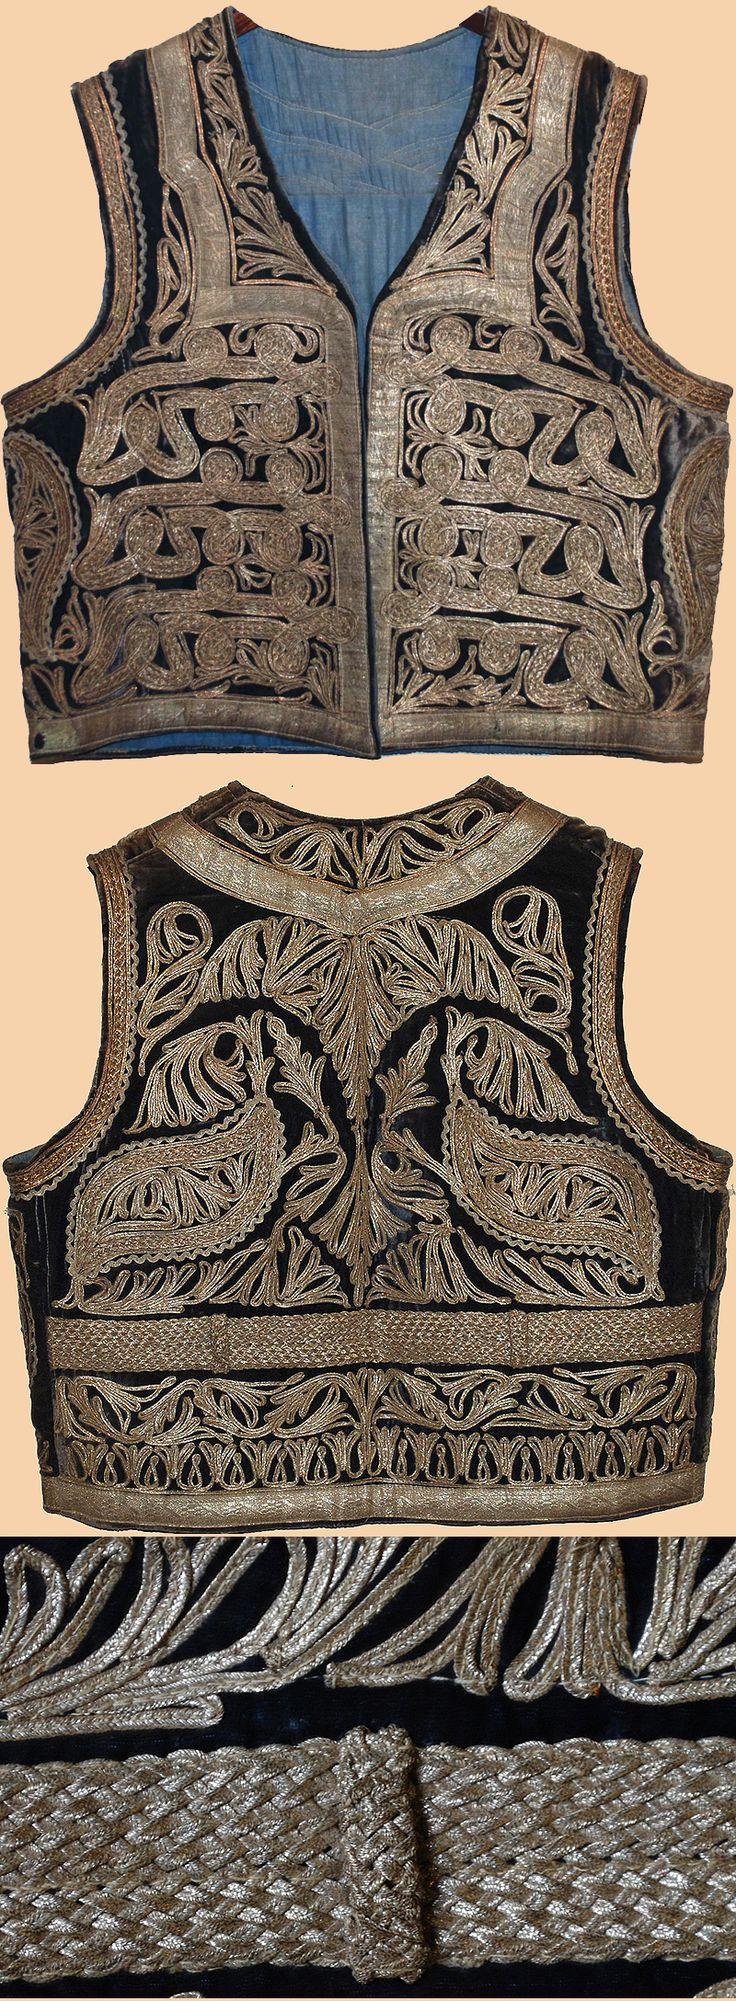 Antique Vests - TextileAsArt.com, Fine Antique Textiles and Antique Textile Information